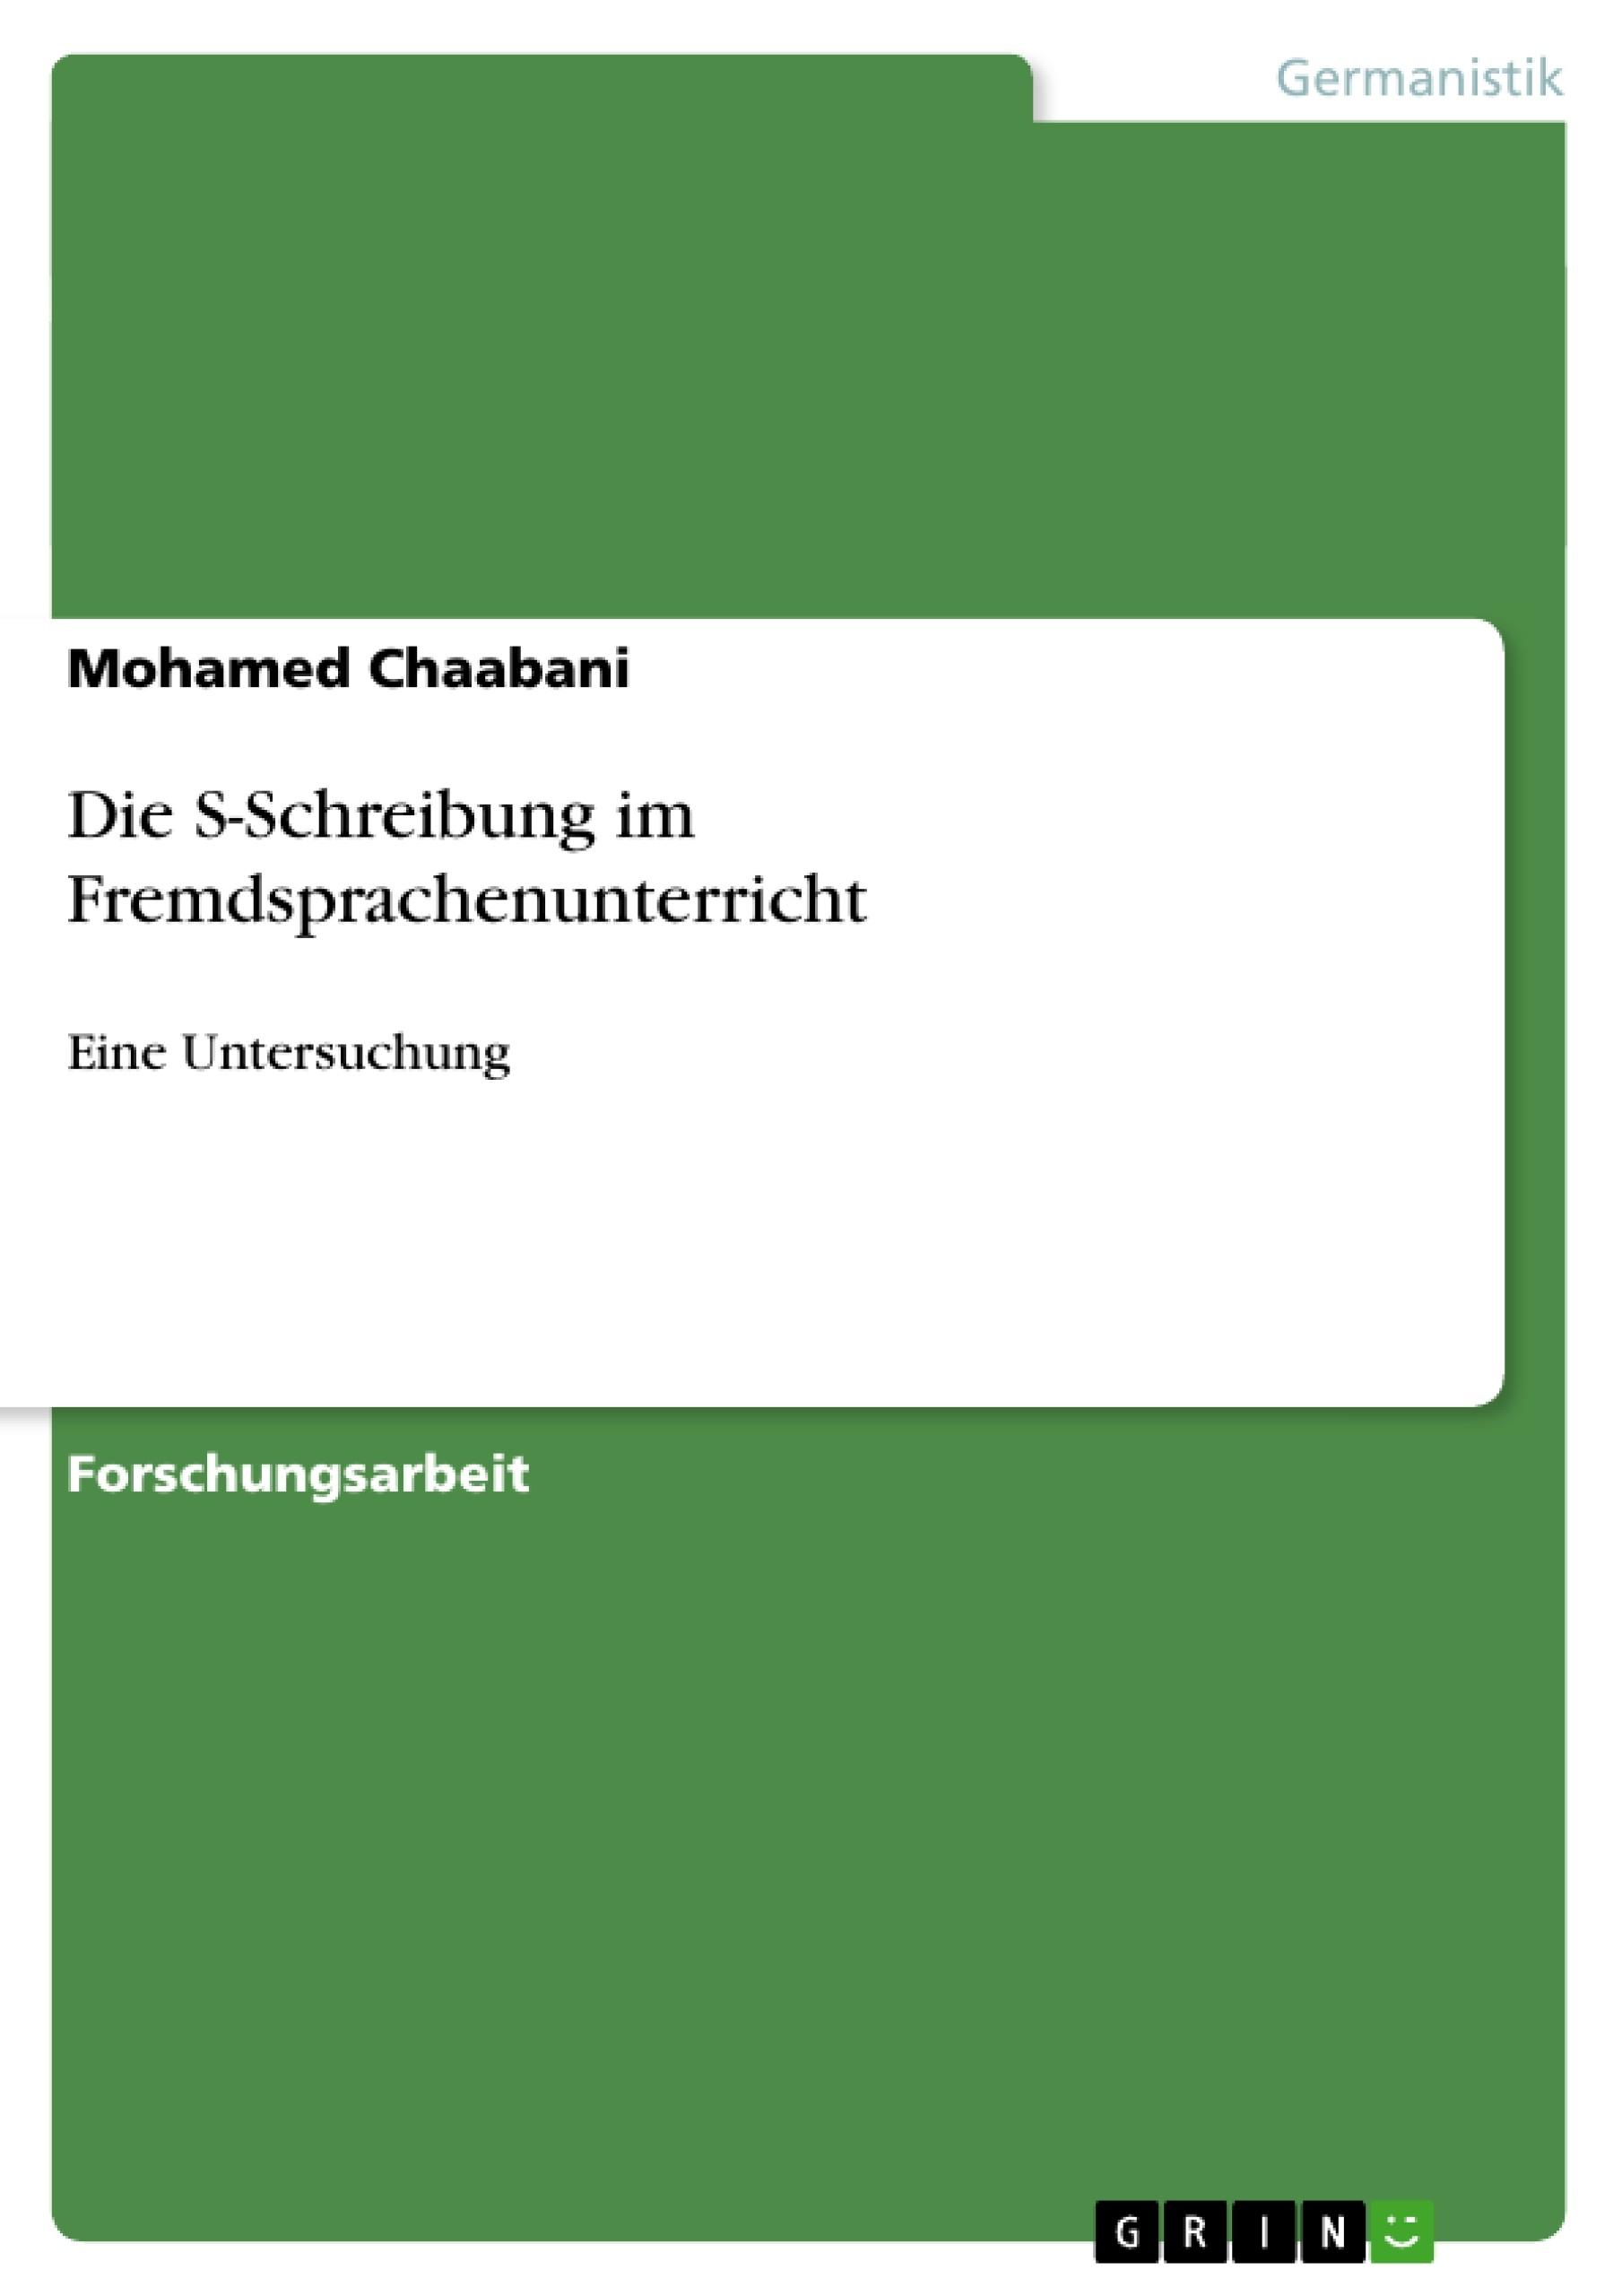 Titel: Die S-Schreibung im Fremdsprachenunterricht